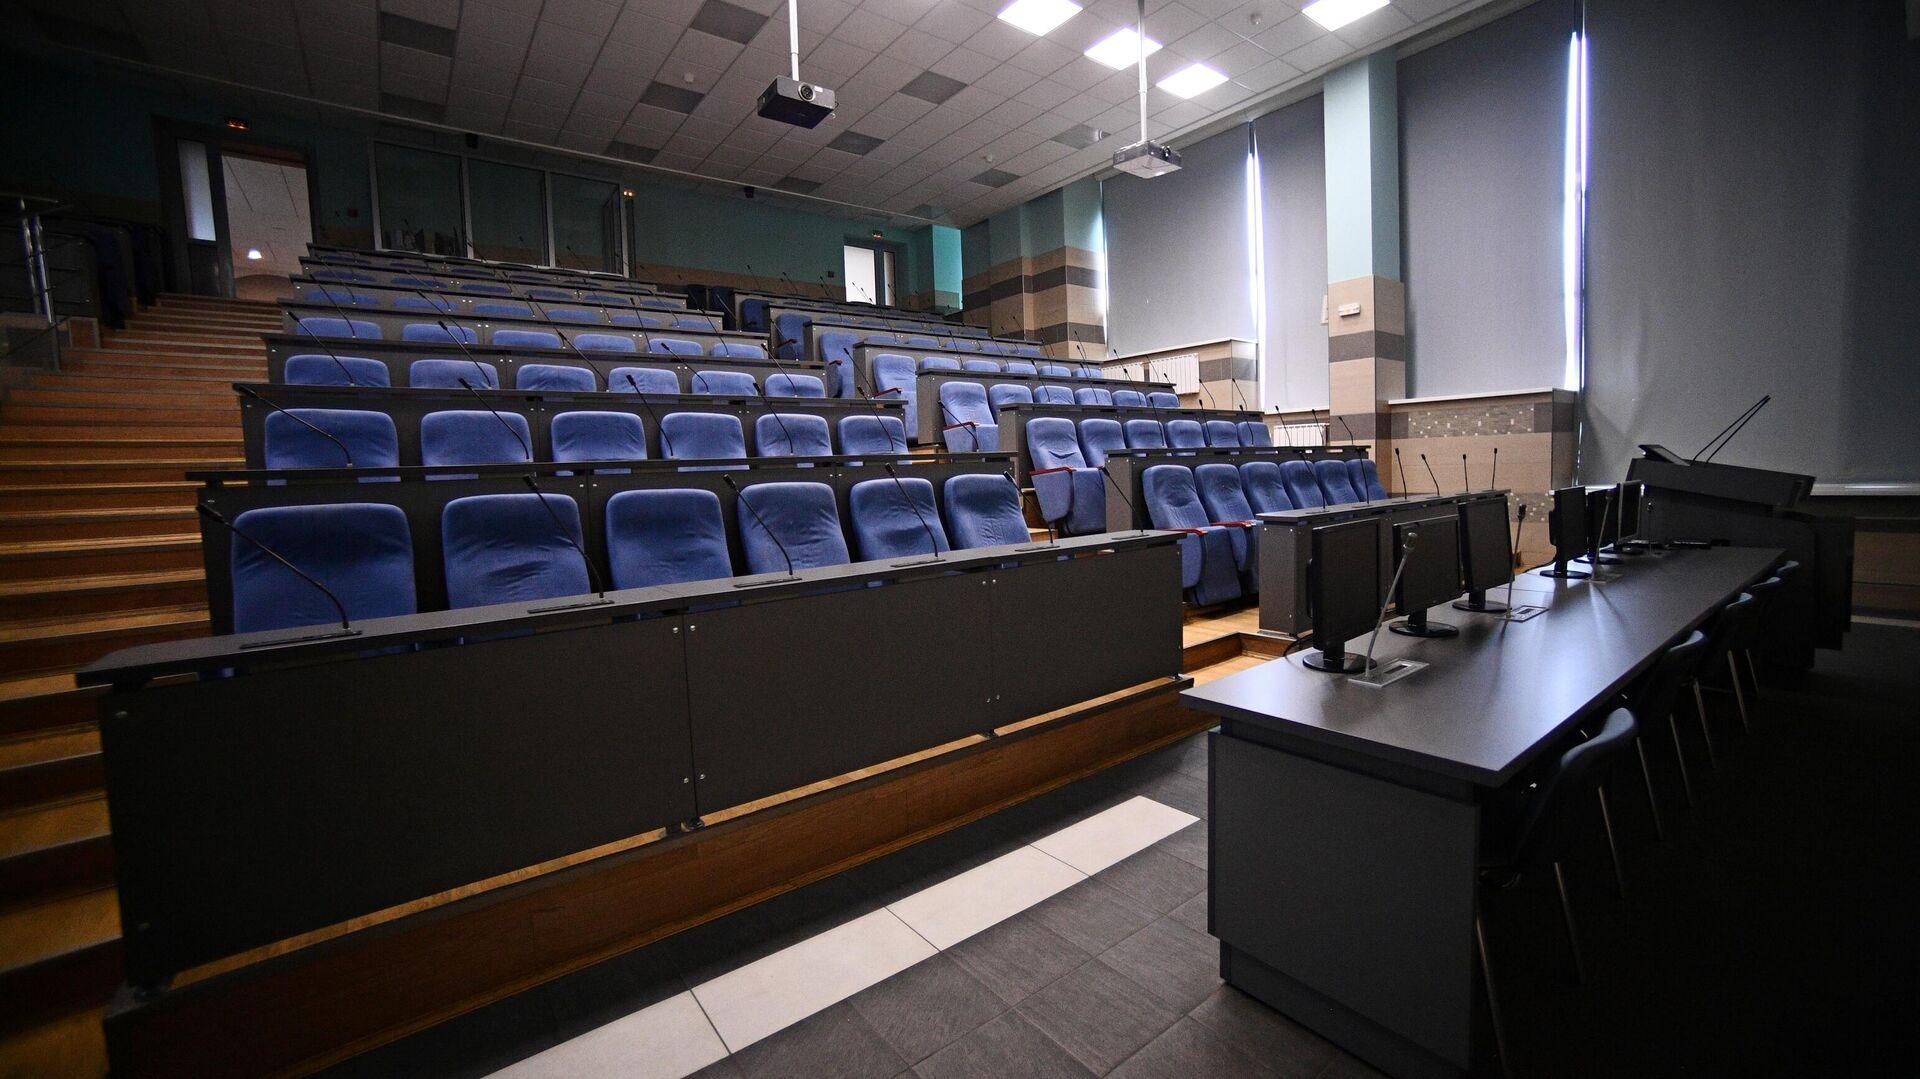 Пустая аудитория Национального исследовательского технологического университета МИСиС - РИА Новости, 1920, 28.12.2020